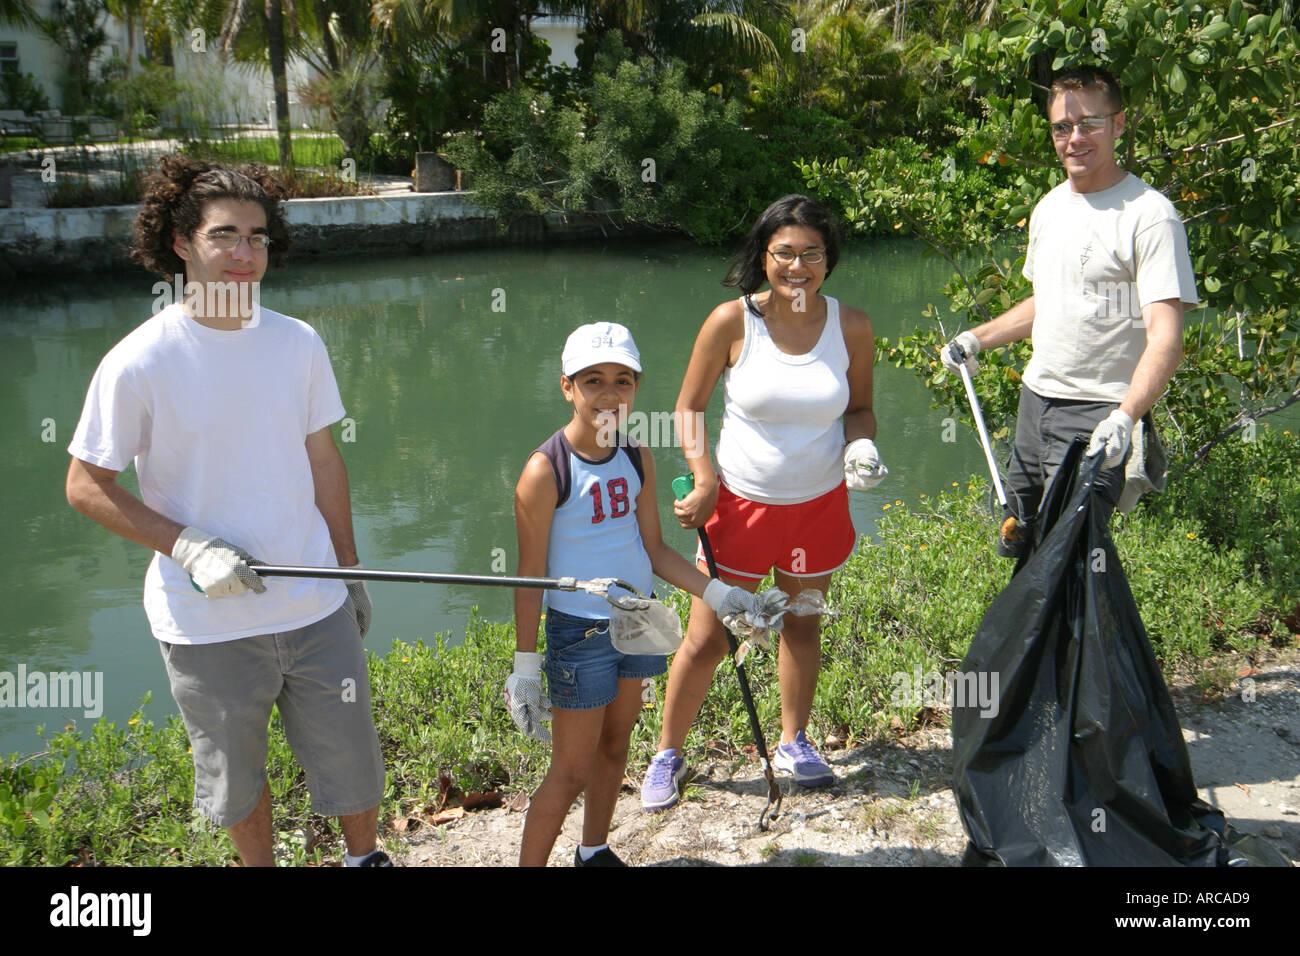 miami beach florida dade canal teen job corps students adults miami beach florida dade canal teen job corps students adults cleaning collecting trash pollution environment